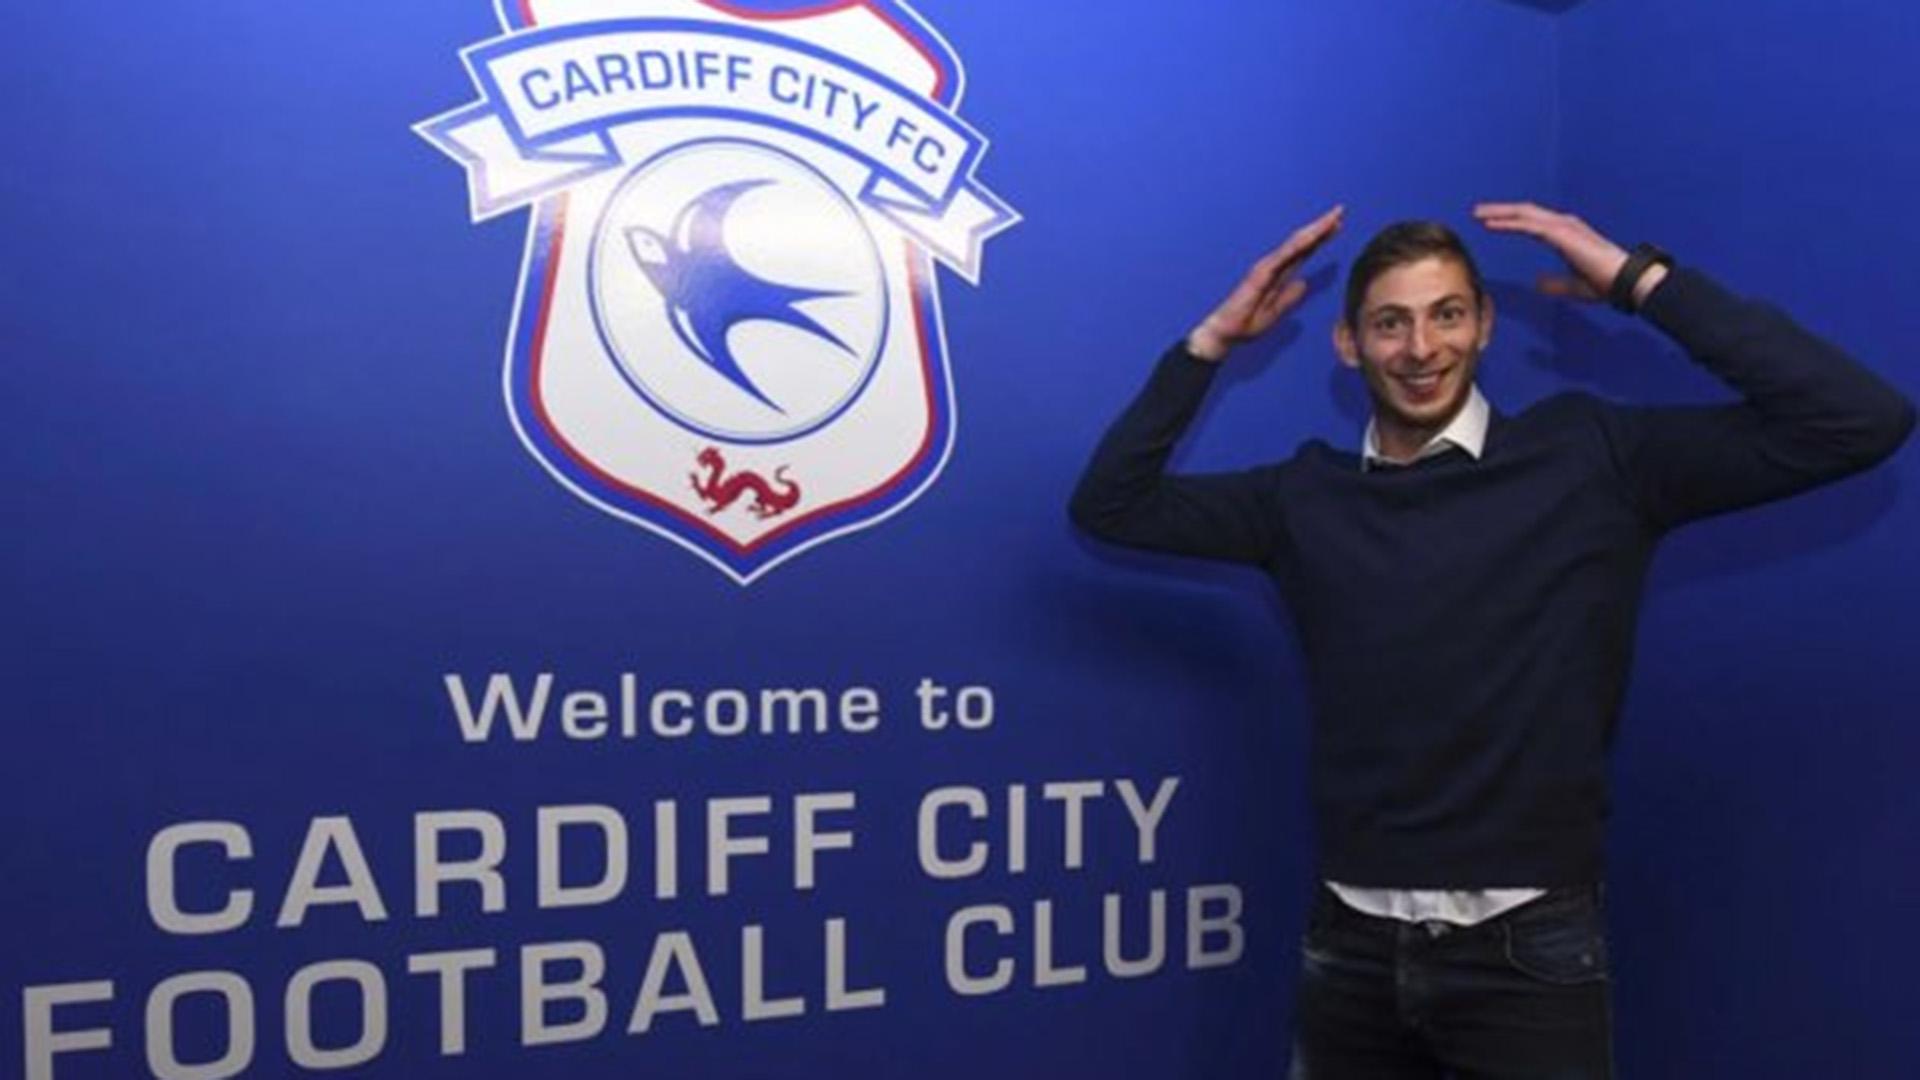 Emiliano Sala estaba viajando de Nantes a Cardiff, donde tendría su primer entrenamiento (Foto: www.cardiffcityfc.co.uk)